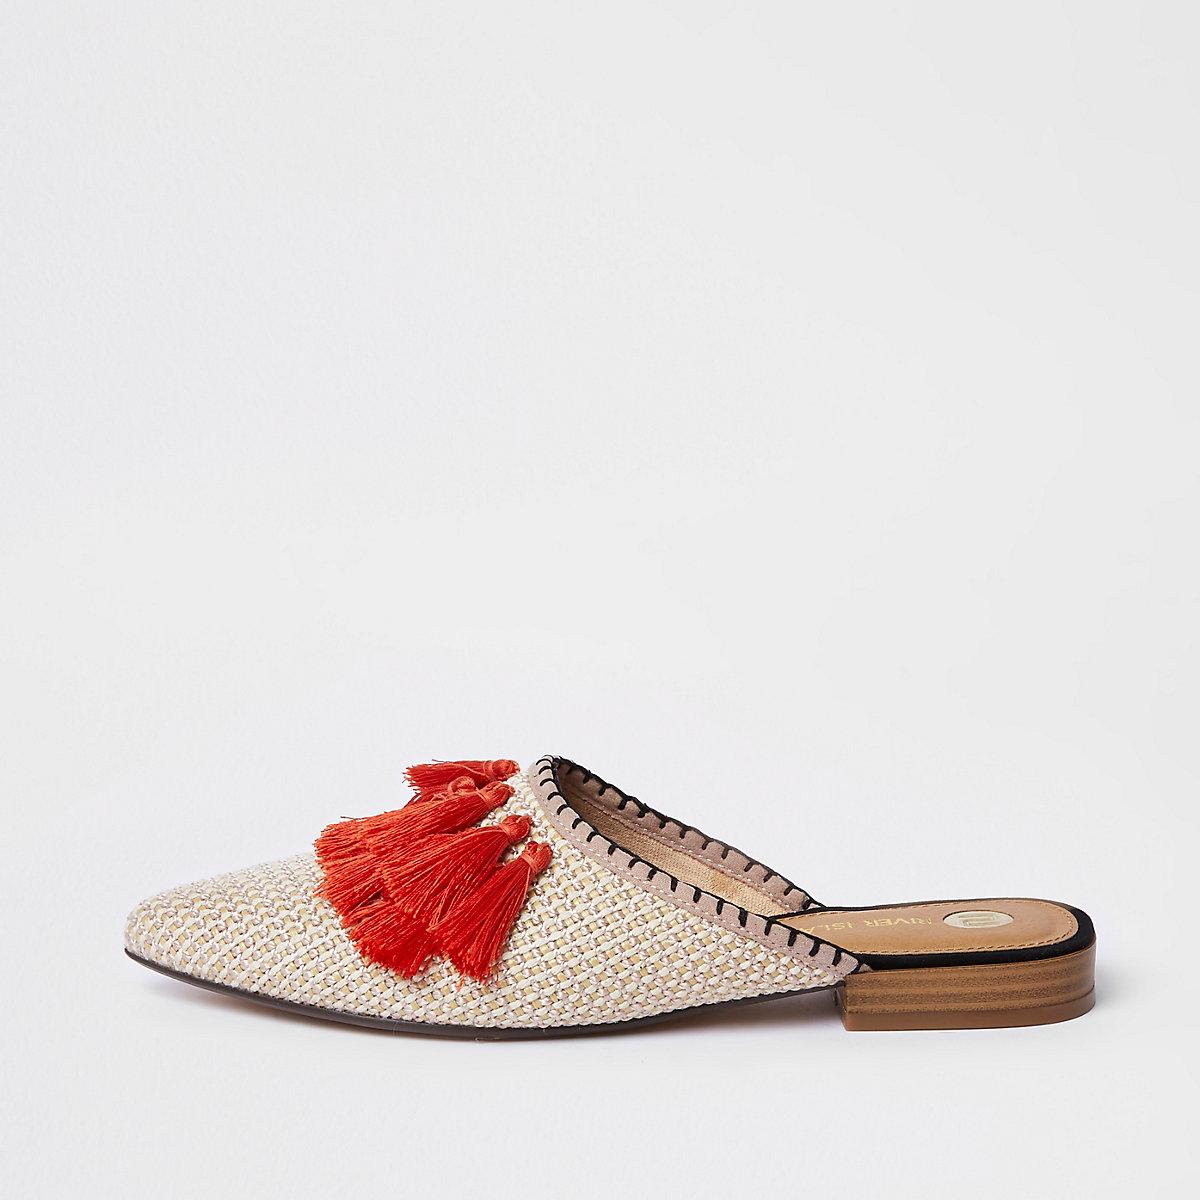 Orange tassel pointed backless loafer